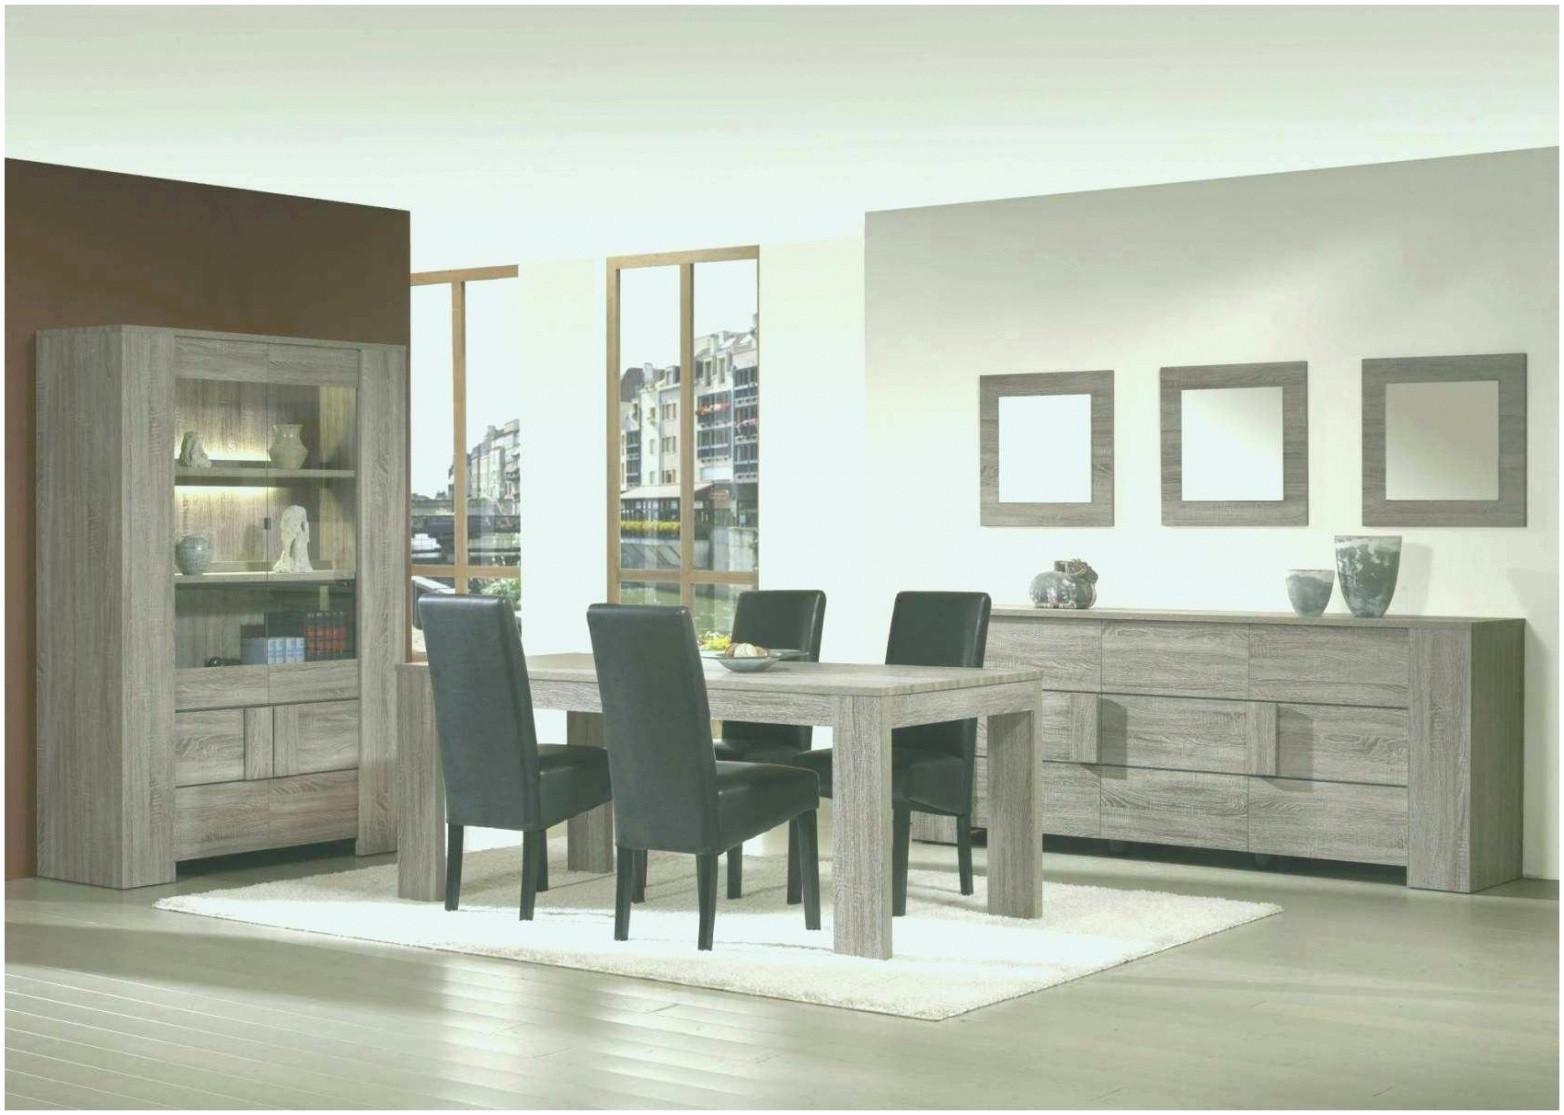 petit meuble maison du monde armoire basse de bureau frais petit meuble noir conforama meuble of petit meuble maison du monde